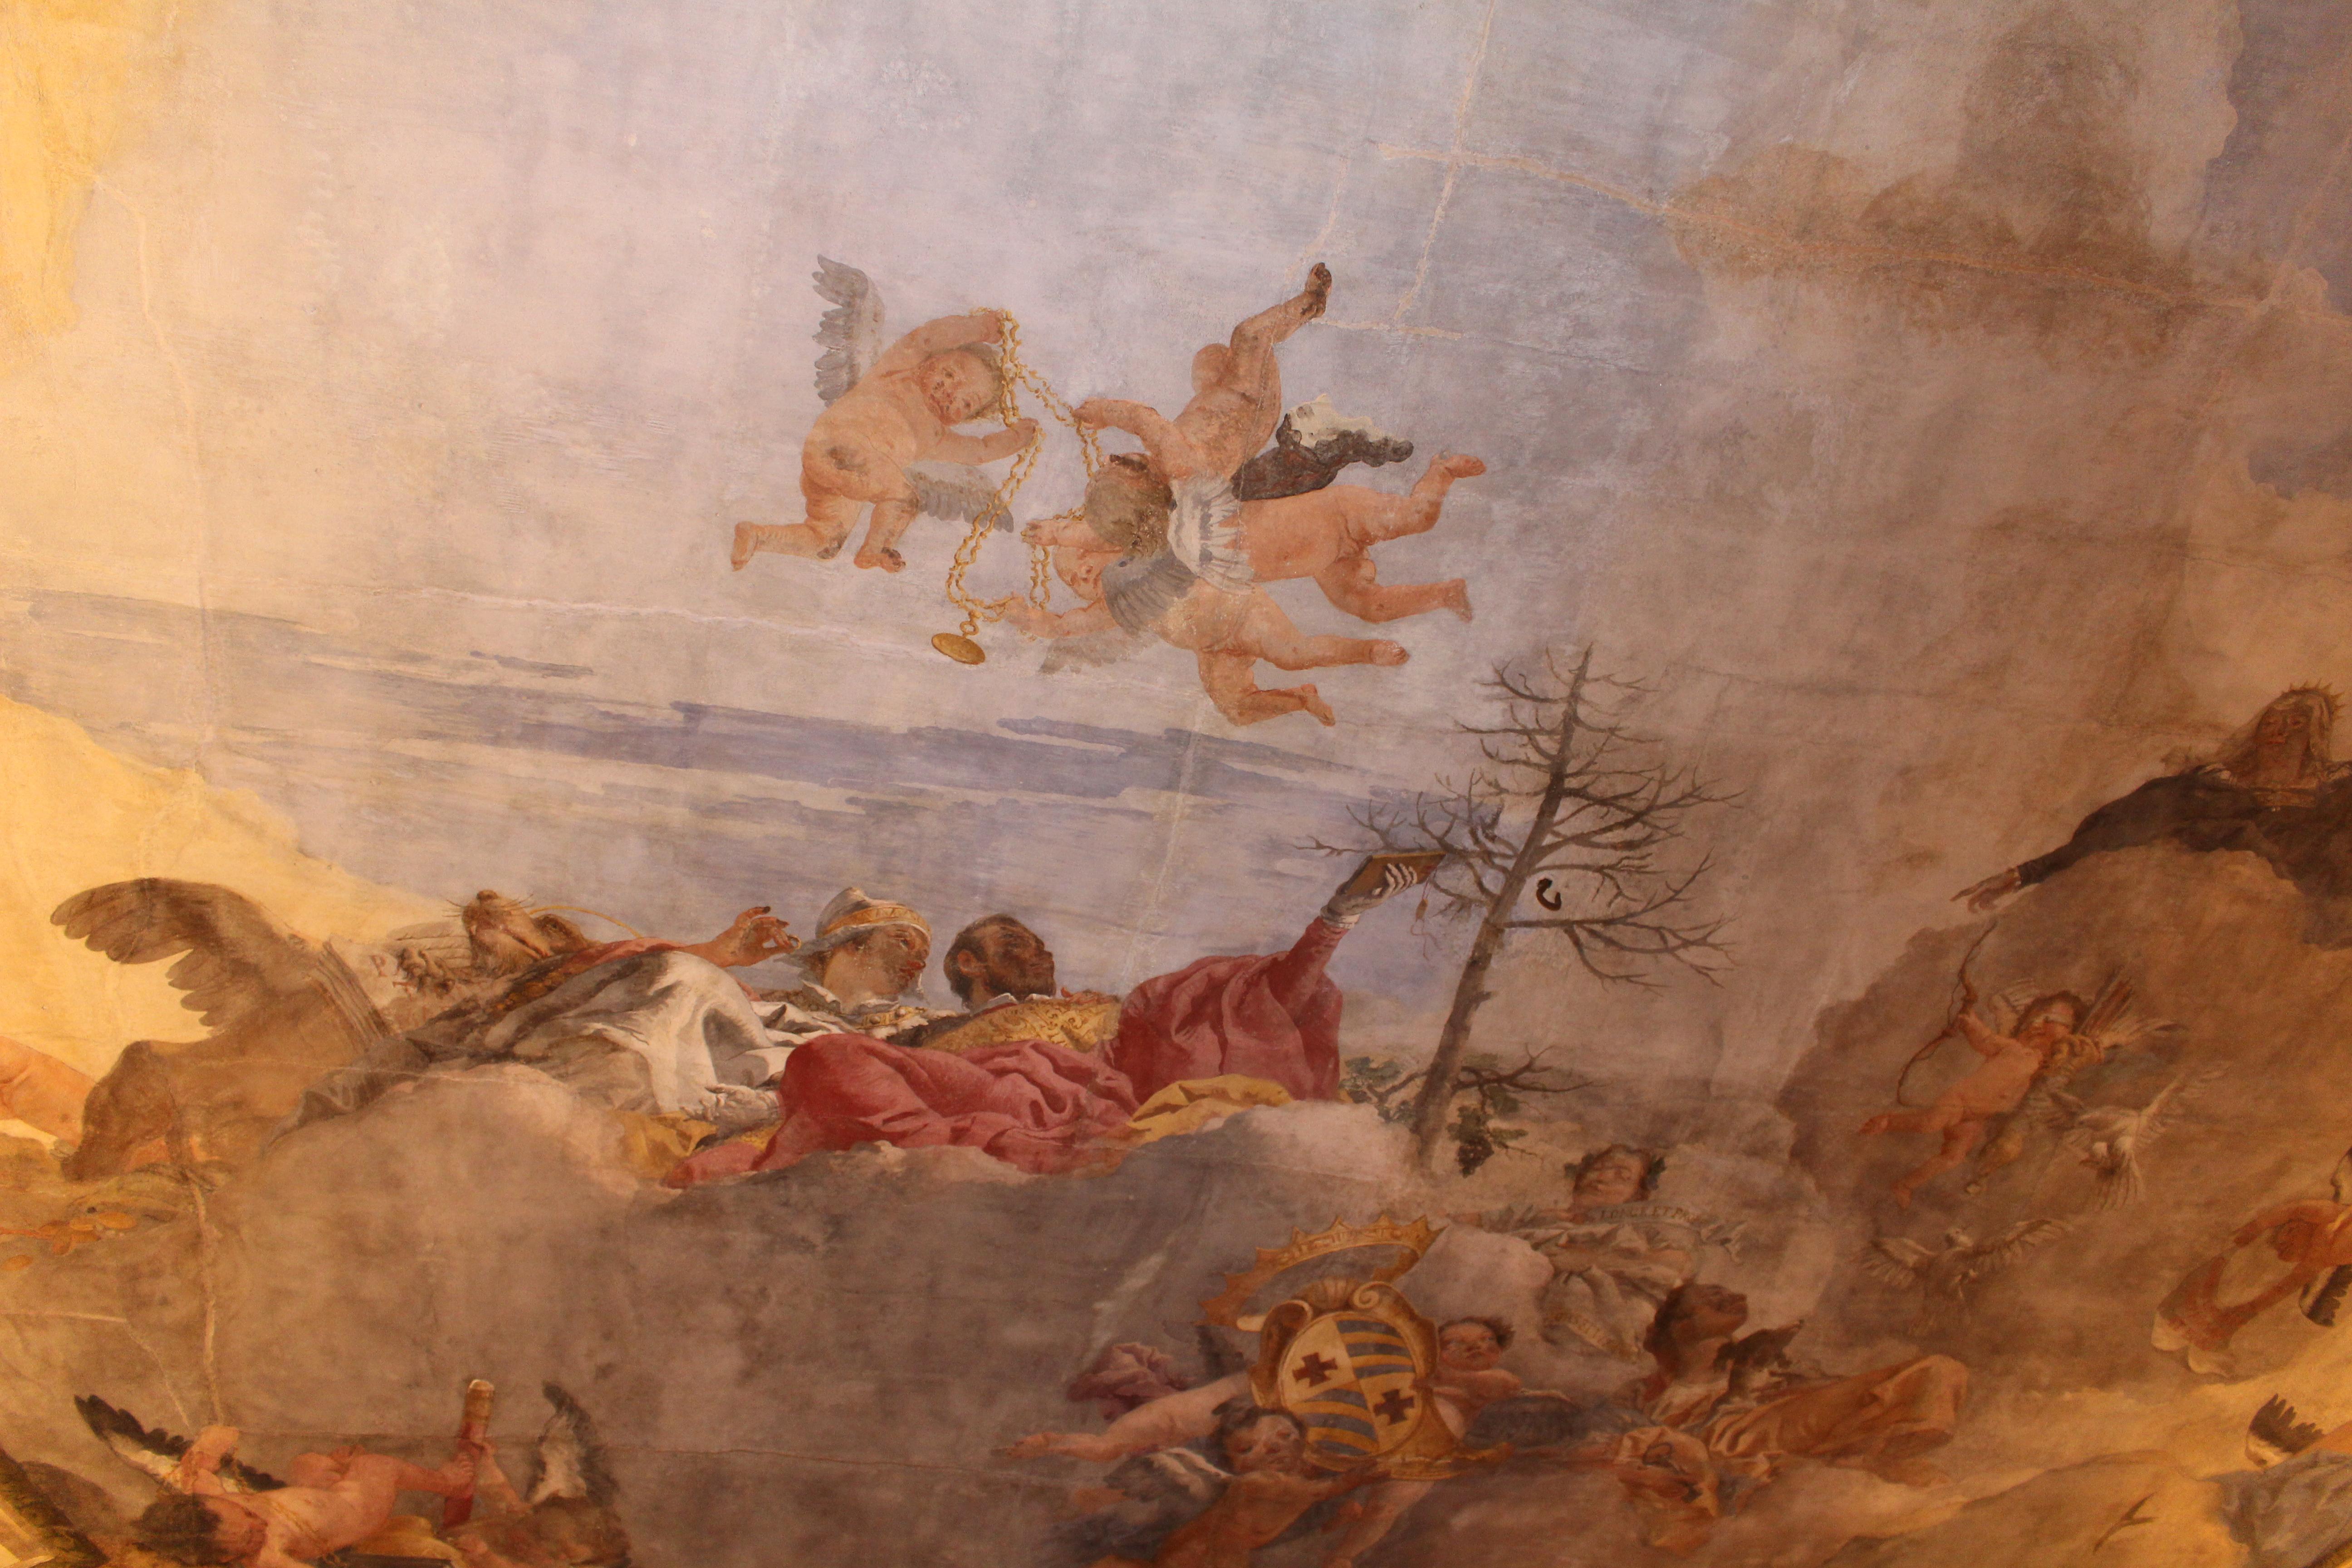 détail de la fresque de Venise reconnaissable par la corne ducale, accompagnée du lion de Saint Marc aux longues moustaches, tandis que dans le ciel les putti flottent avec le collier que la République attribuera également aux descendants Contarini, pour une reconnaissance ultérieure du titre de Comte